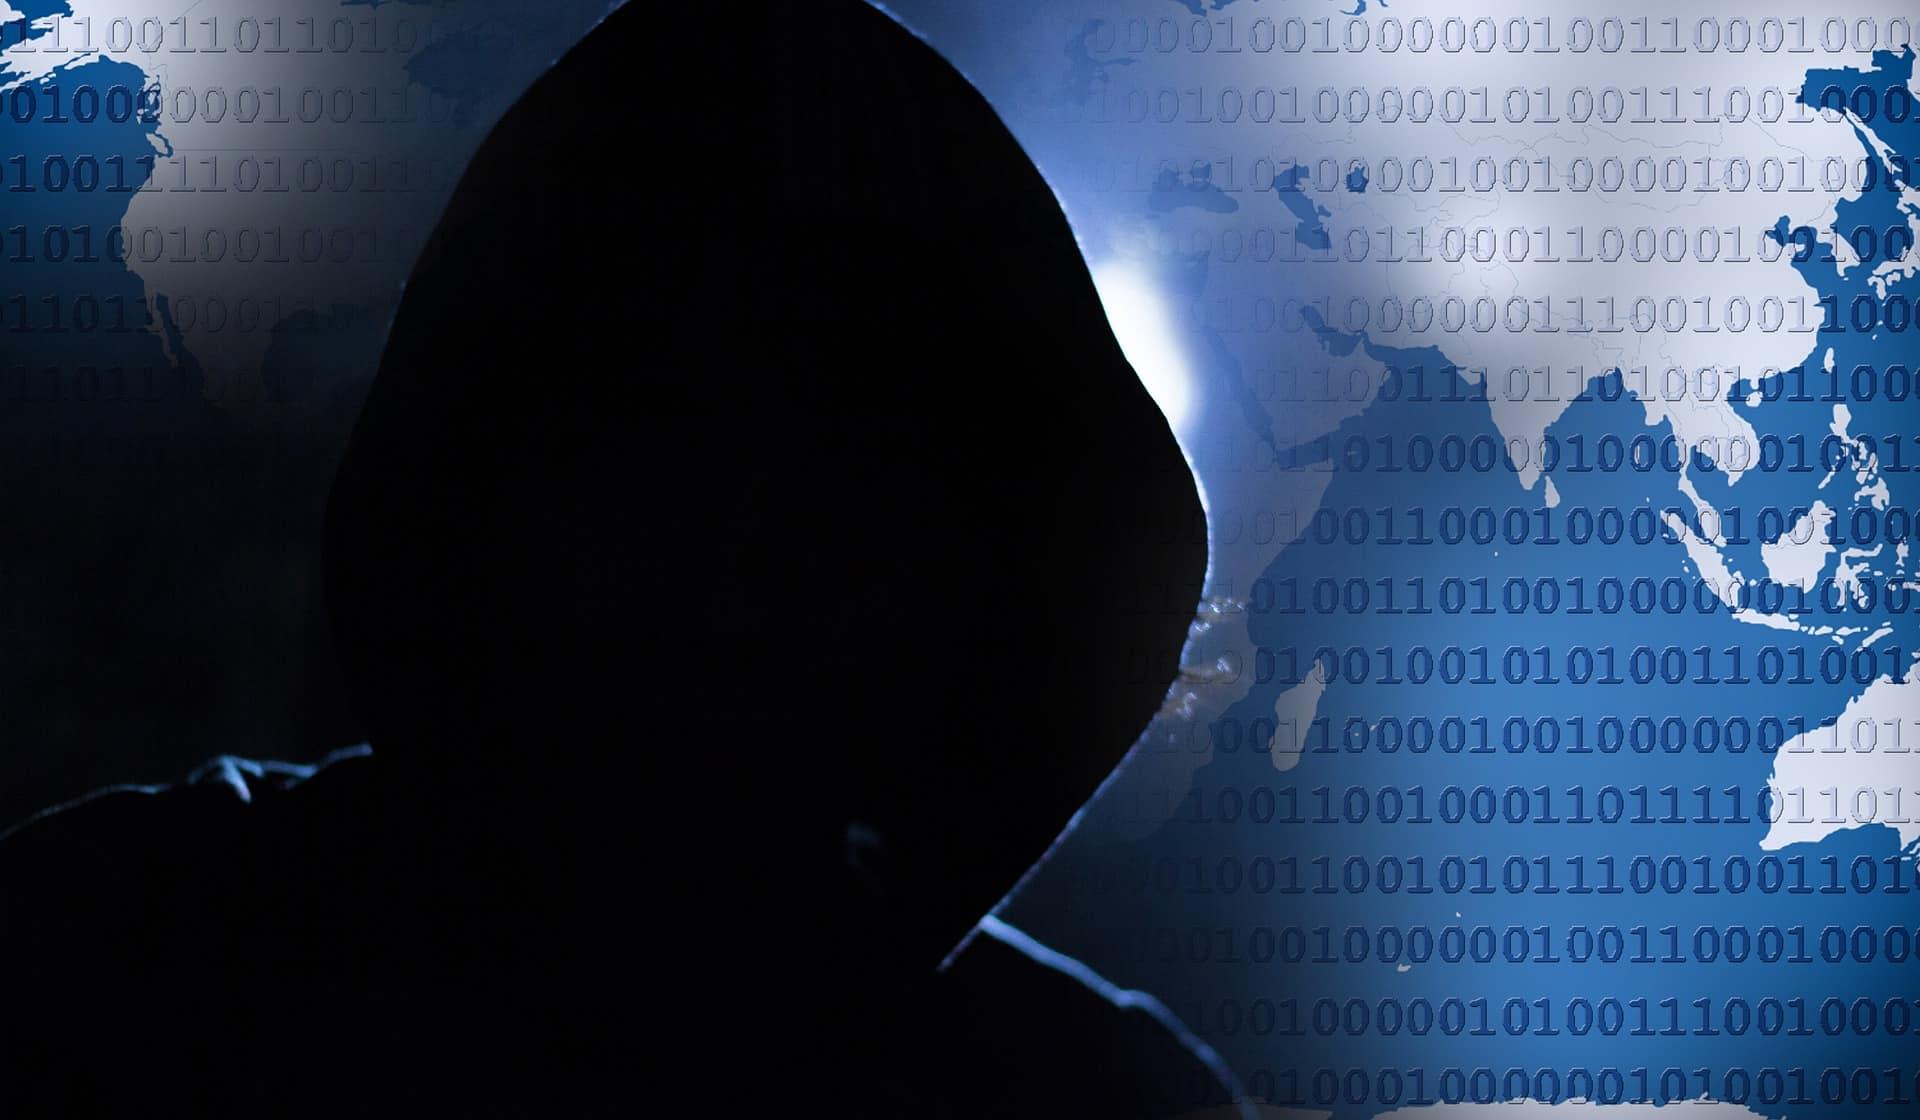 Microsoft a détecté des cyberattaques iraniennes contre les États-Unis